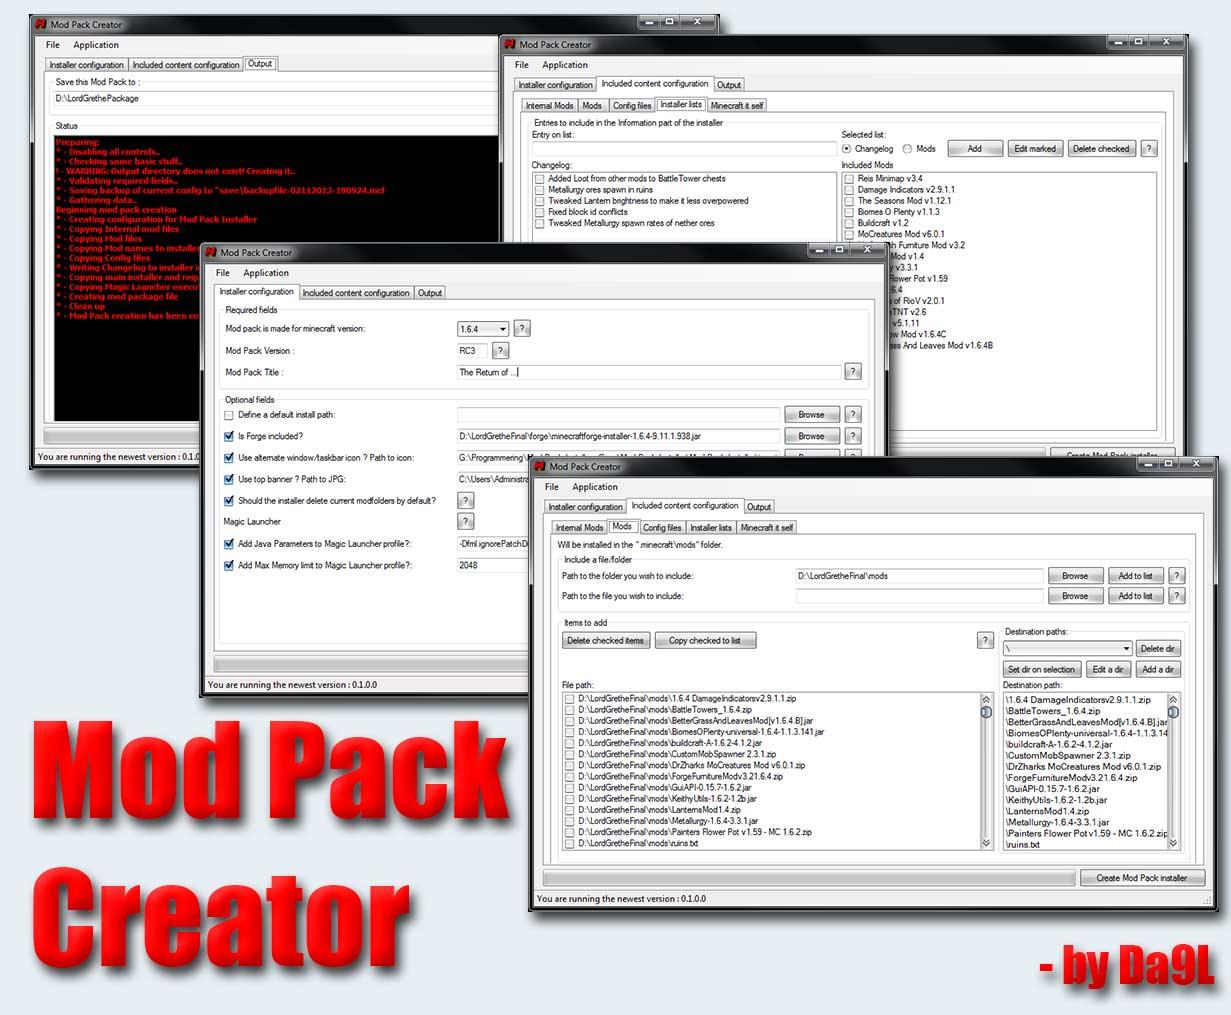 Mod-pack-creator-installer-1.png